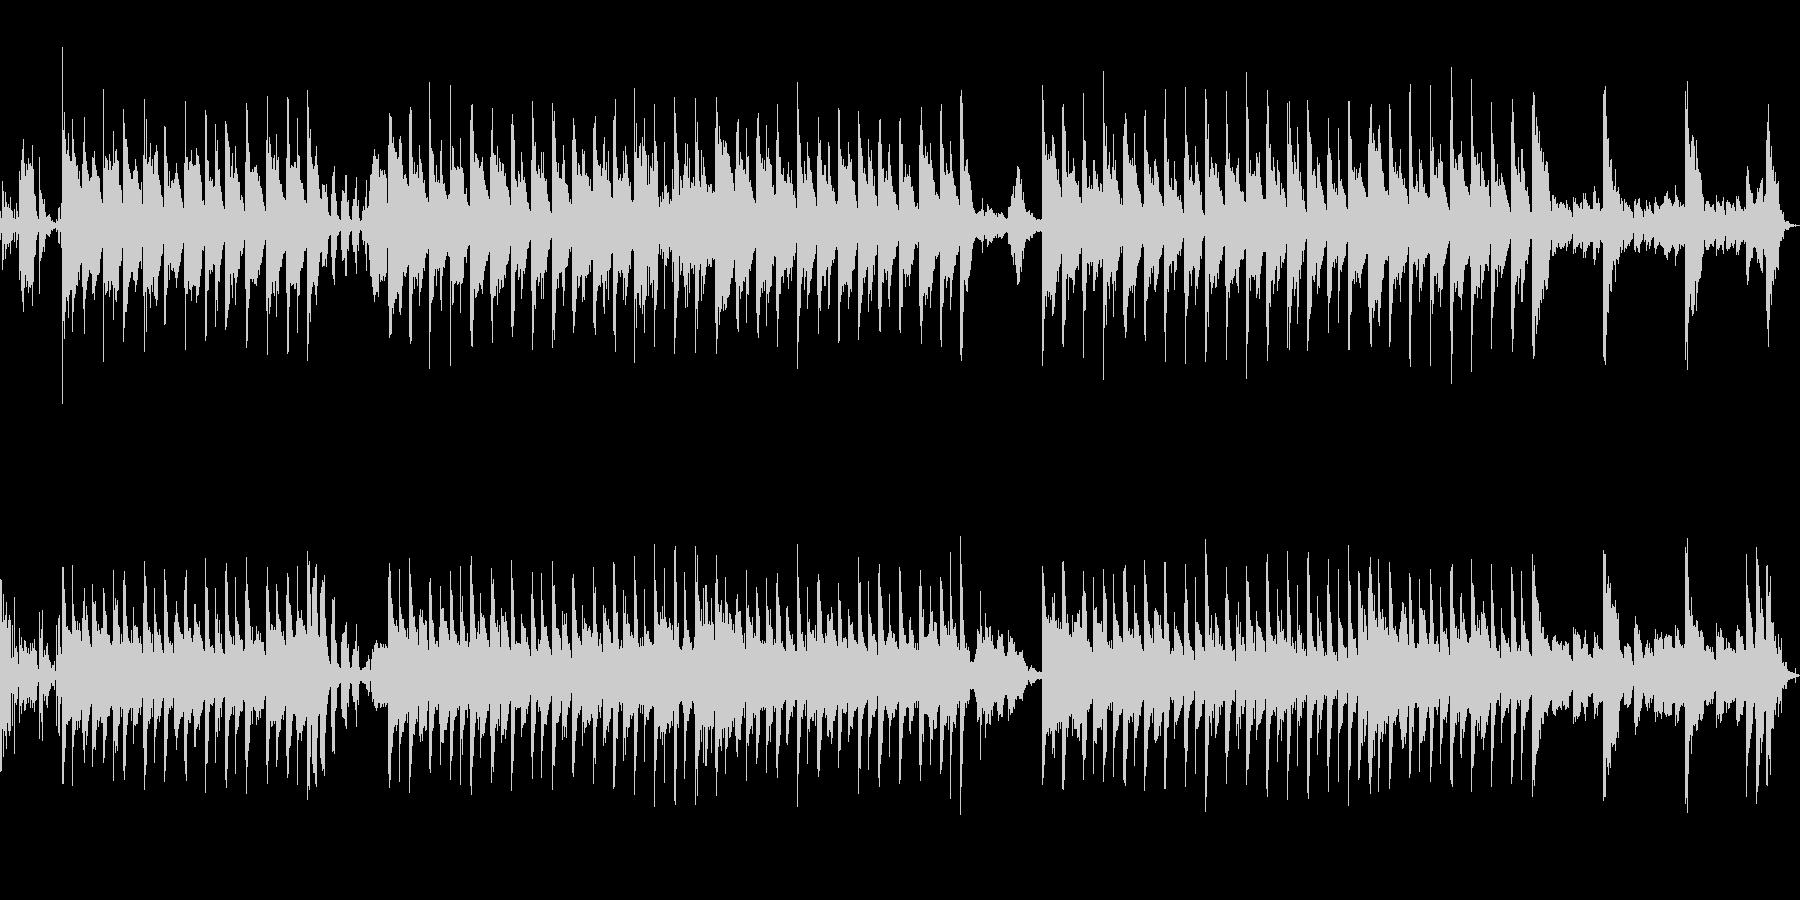 ザニークレイジーアテンションゲッテ...の未再生の波形